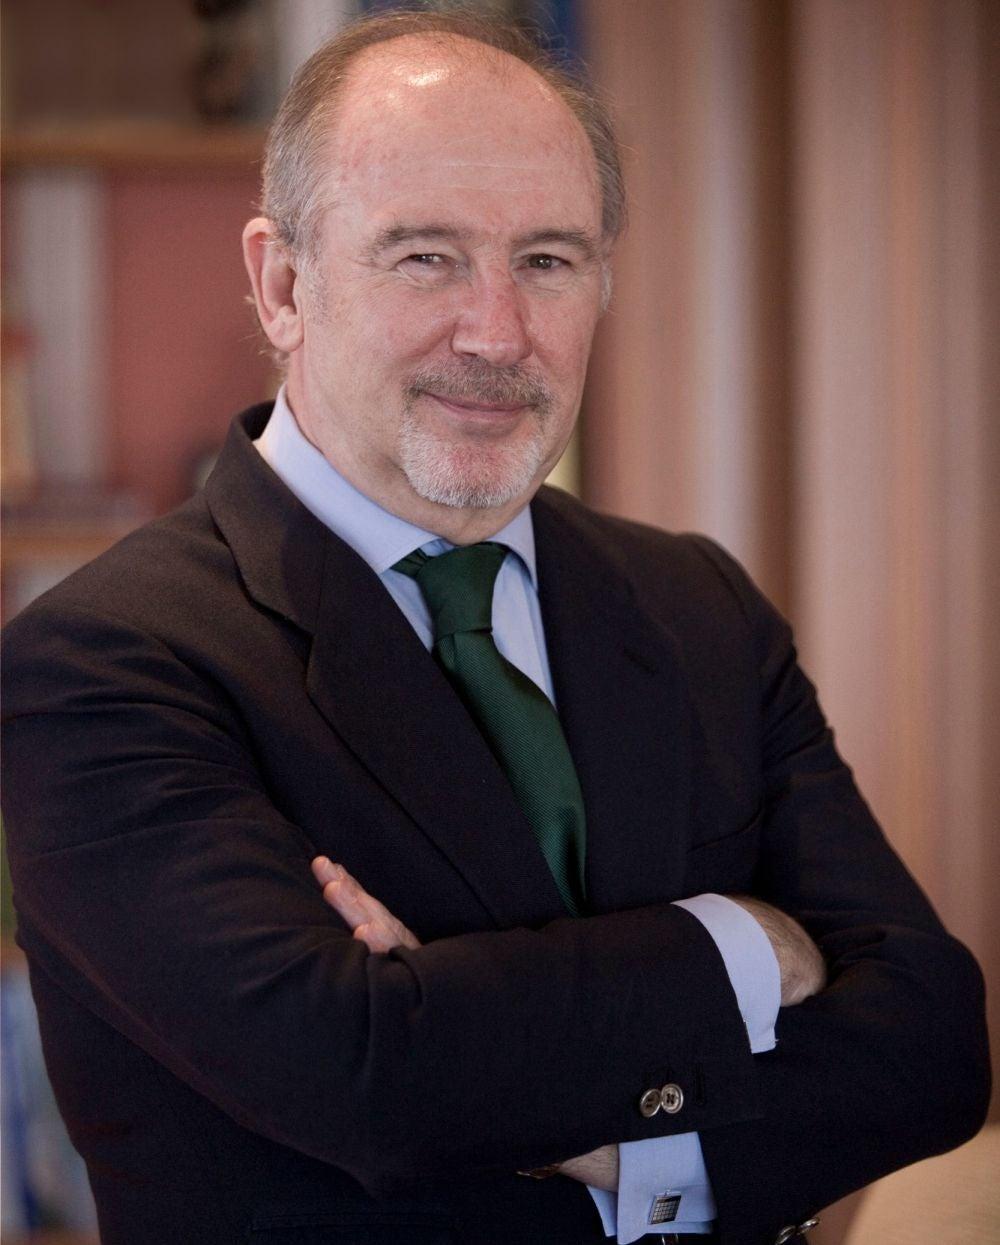 Rodrigo Rato, former chairman of Spain's Bankia SA